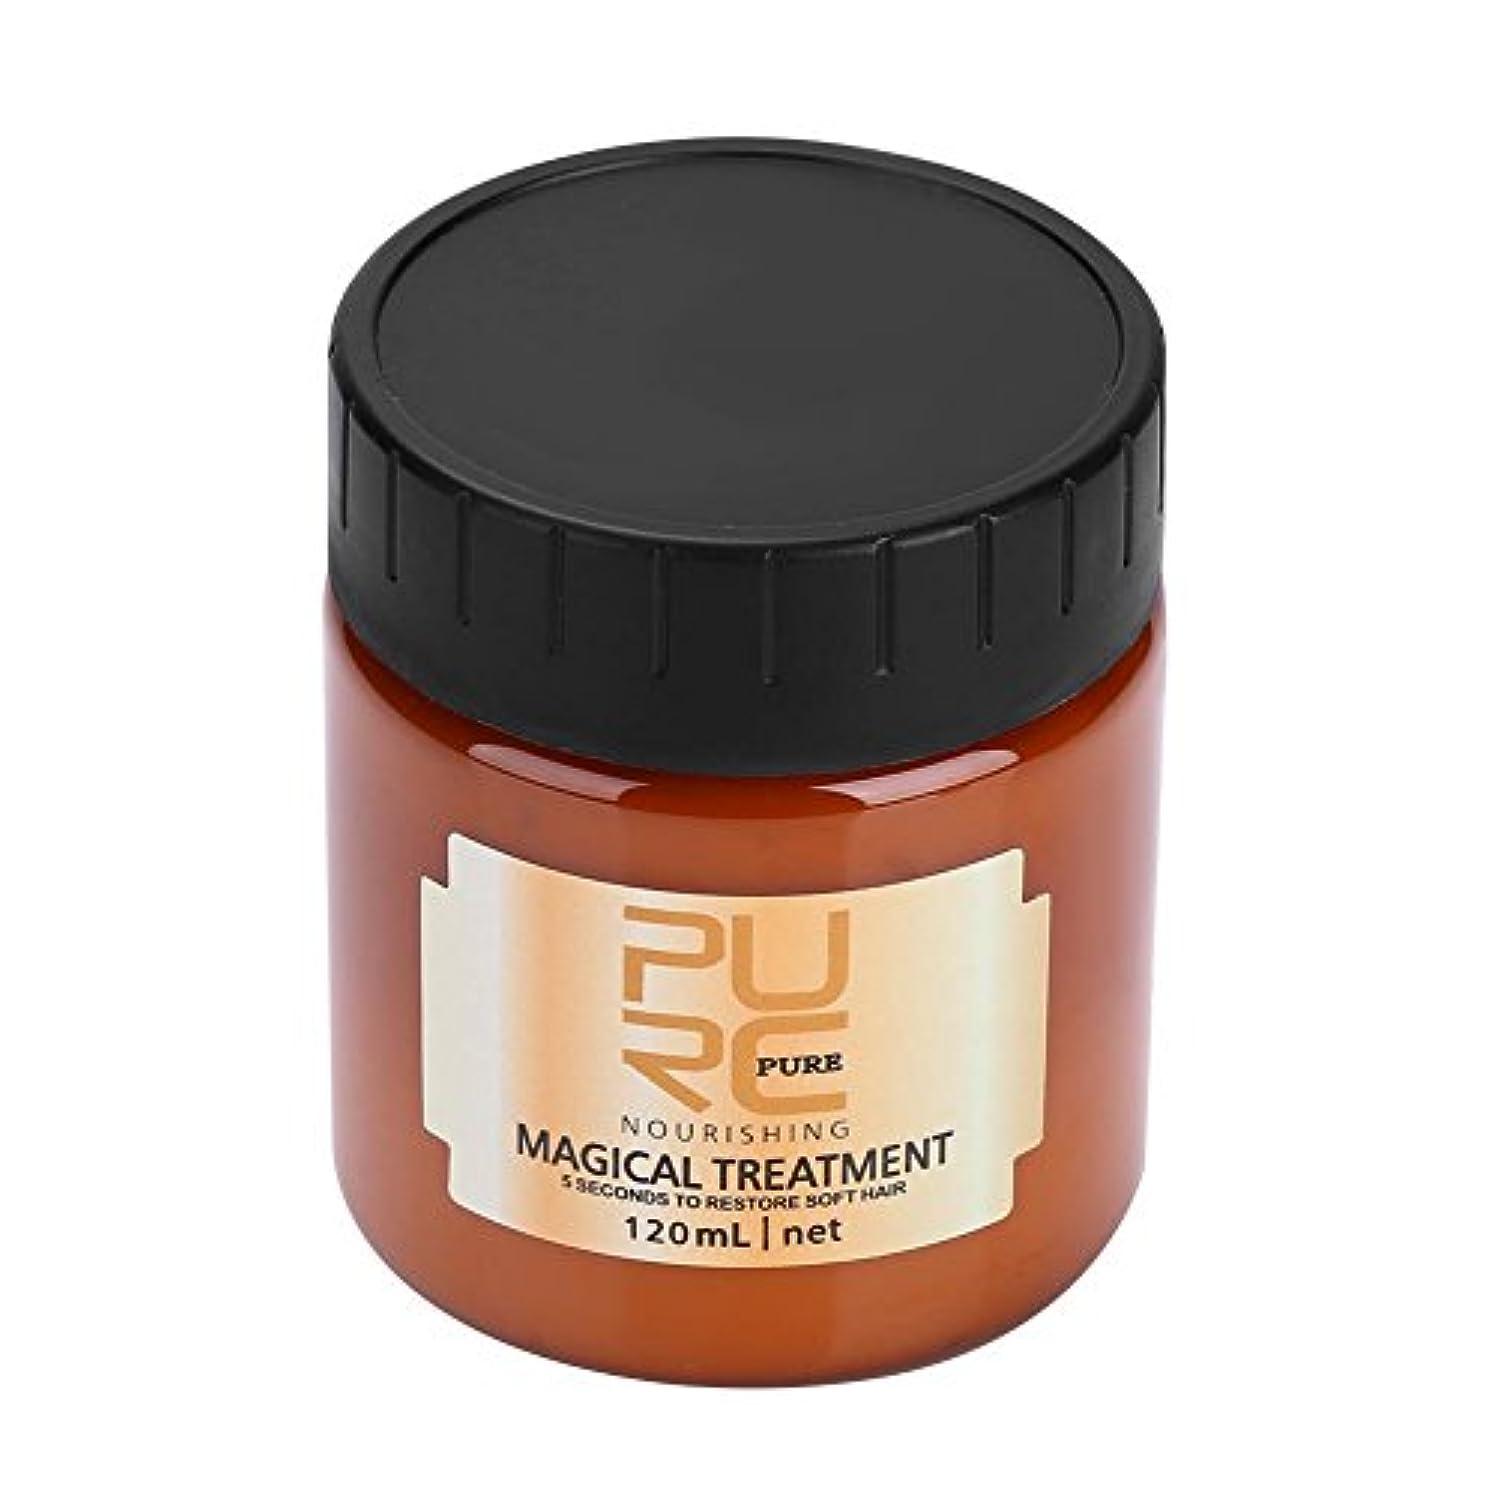 命題多数のバイオレットヘアリペアマスク、120ml魔法のヘアマスク栄養治療ソフトスムーズリペアダメージプロフェッショナル